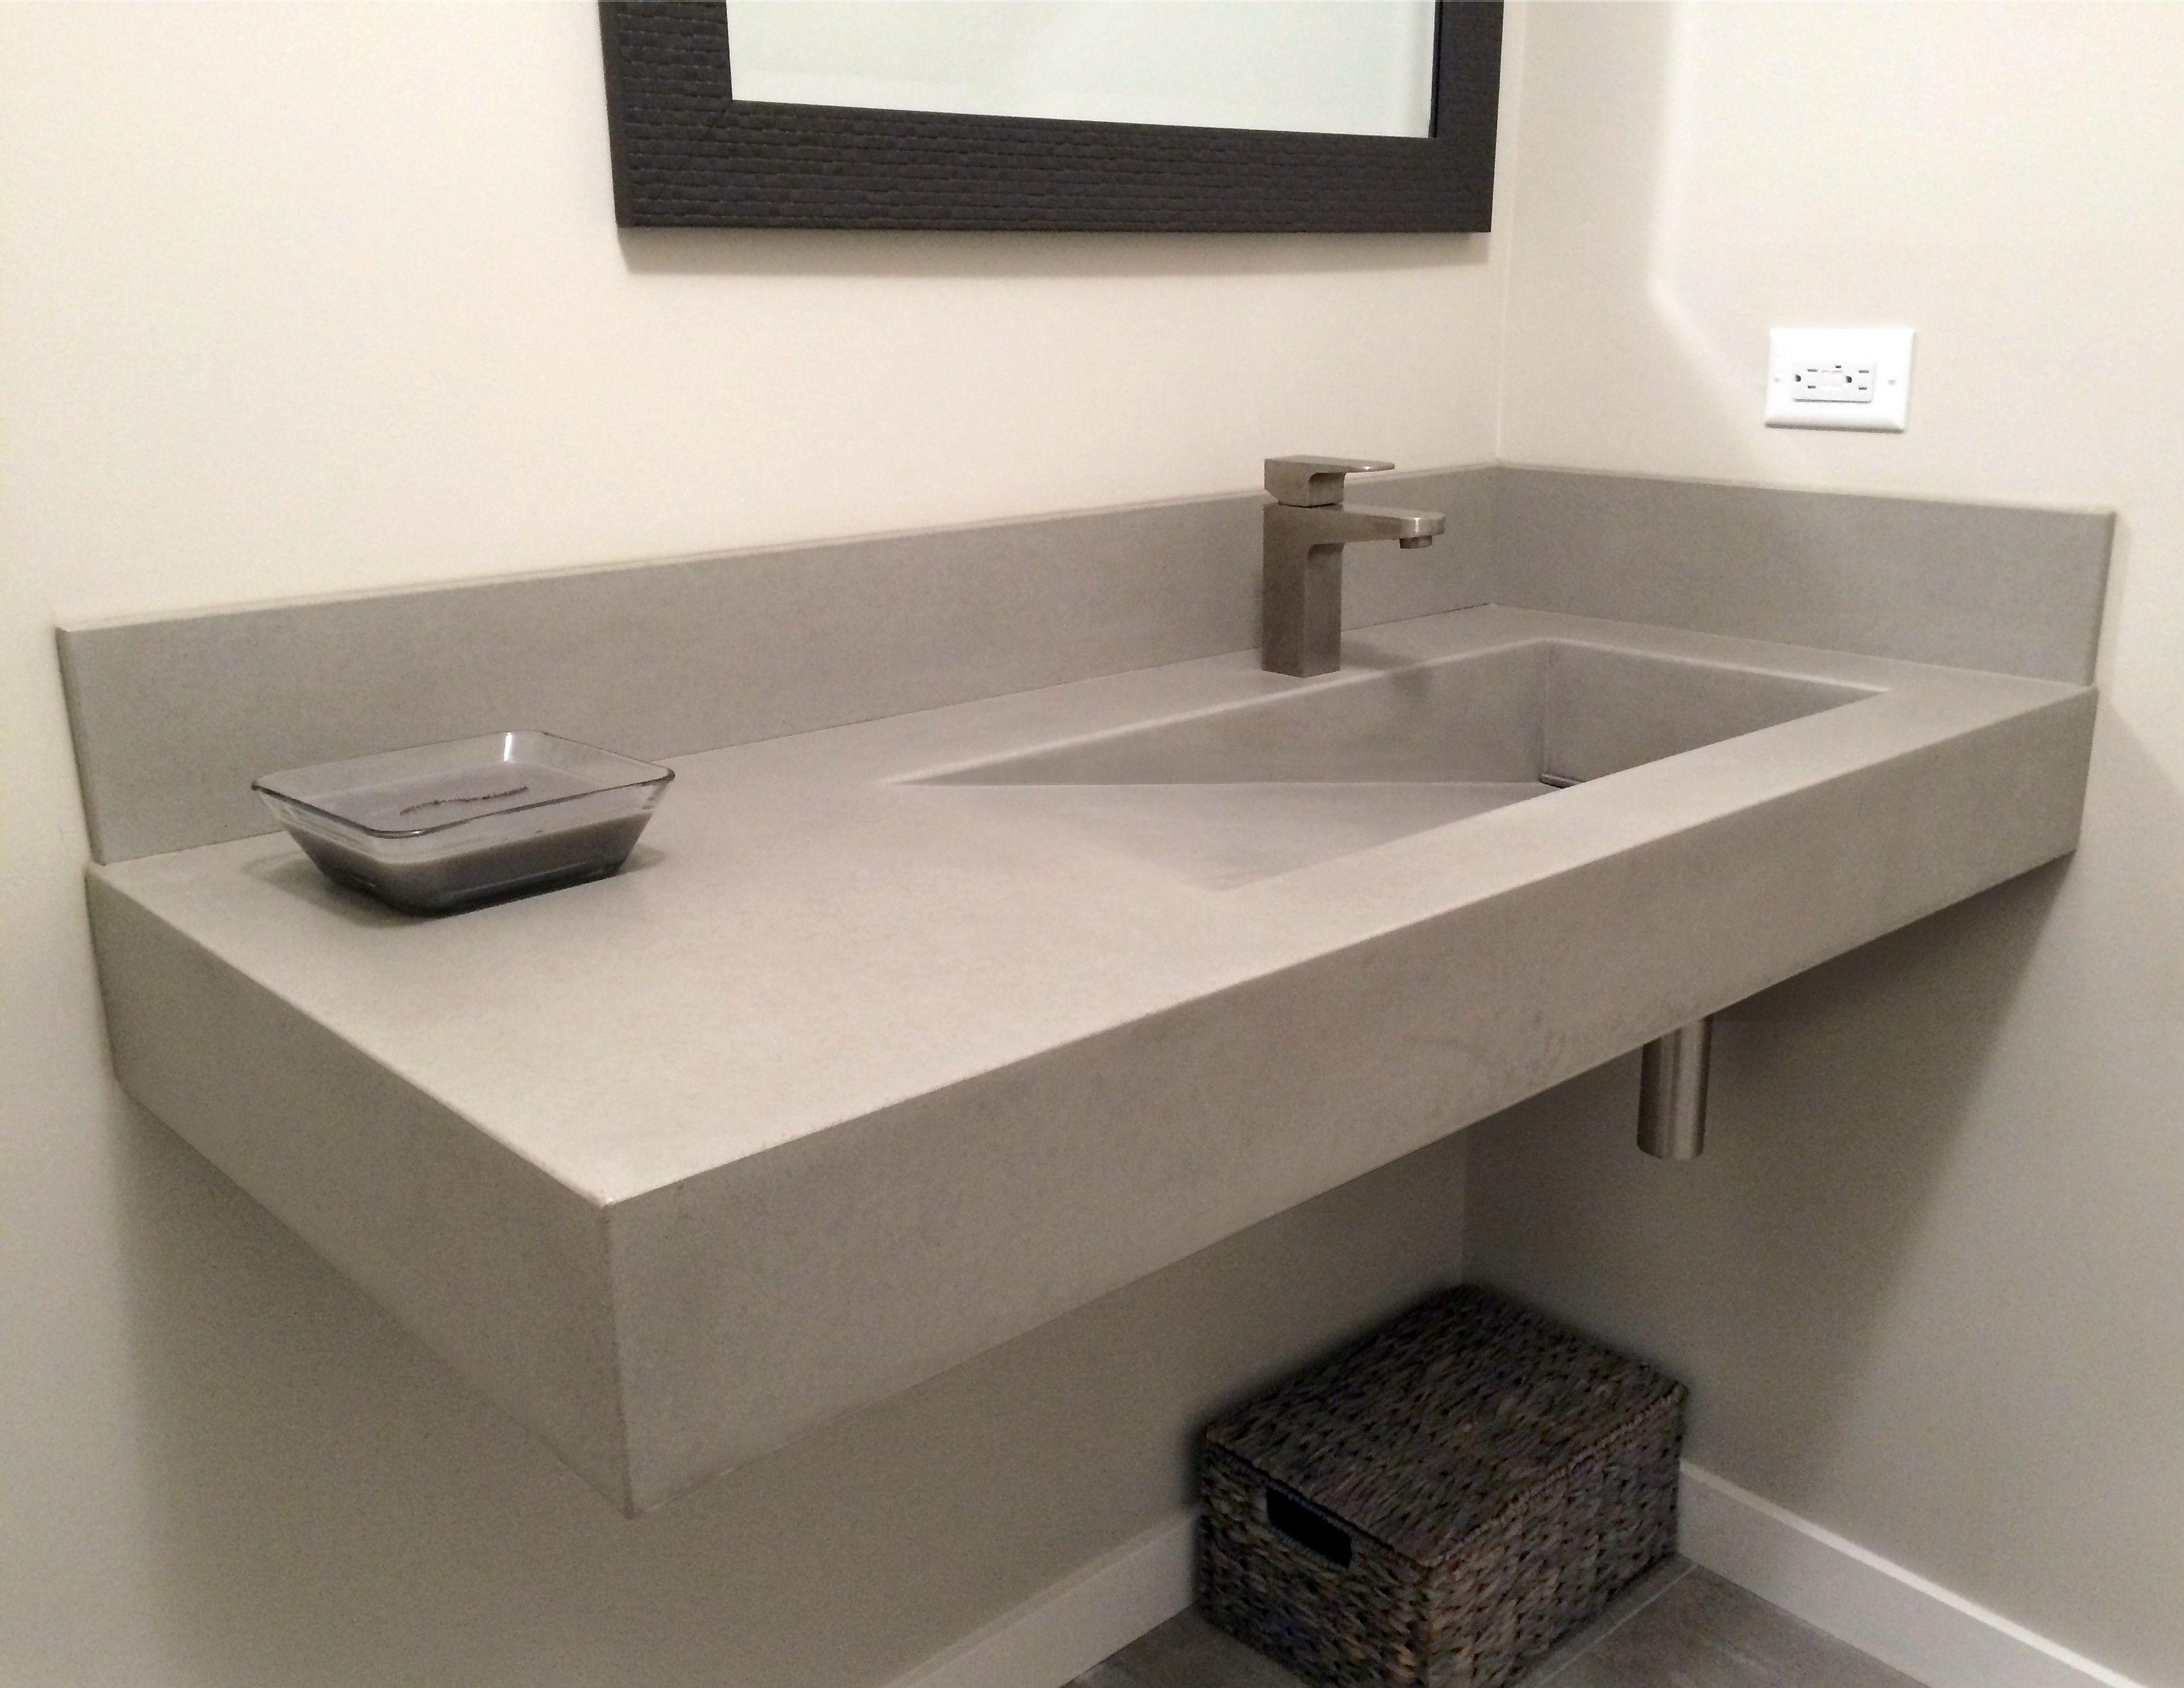 Mosaic Tile Bathroom Sink Square Concrete